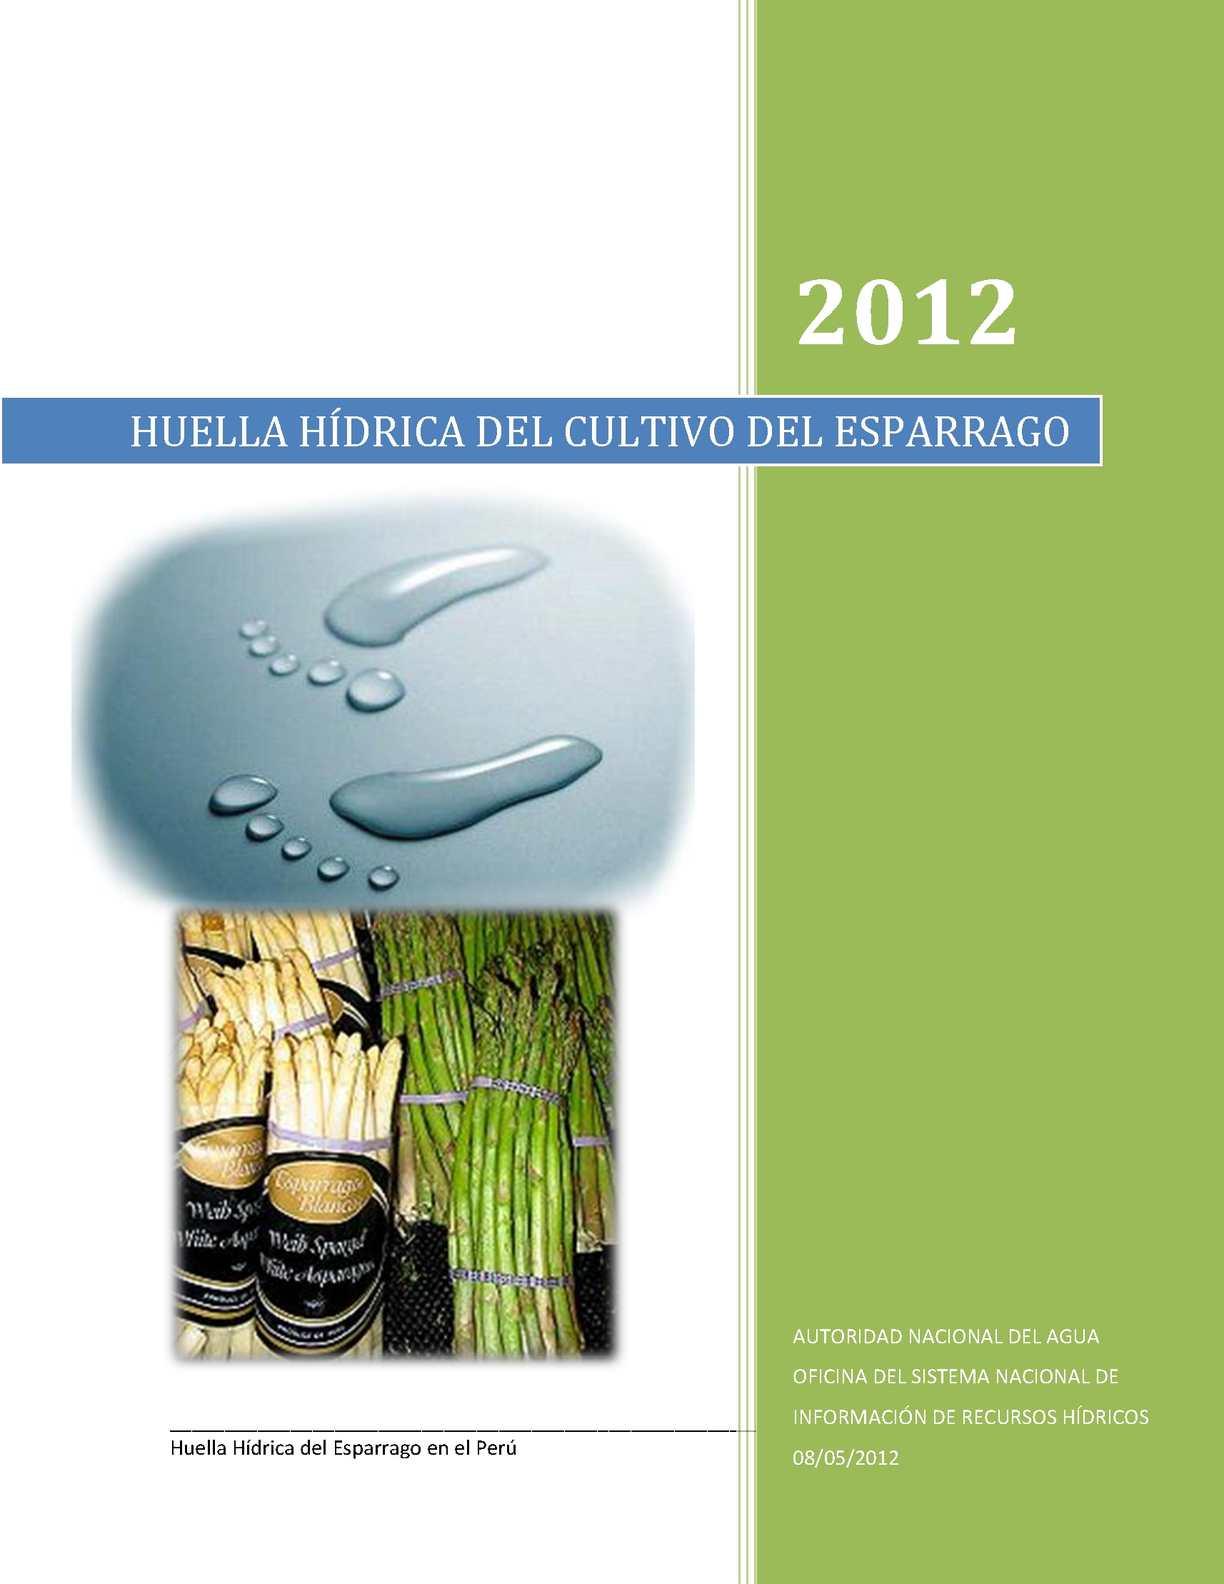 HUELLA HÍDRICA DEL ESPARRAGO EN EL PERÚ 2012